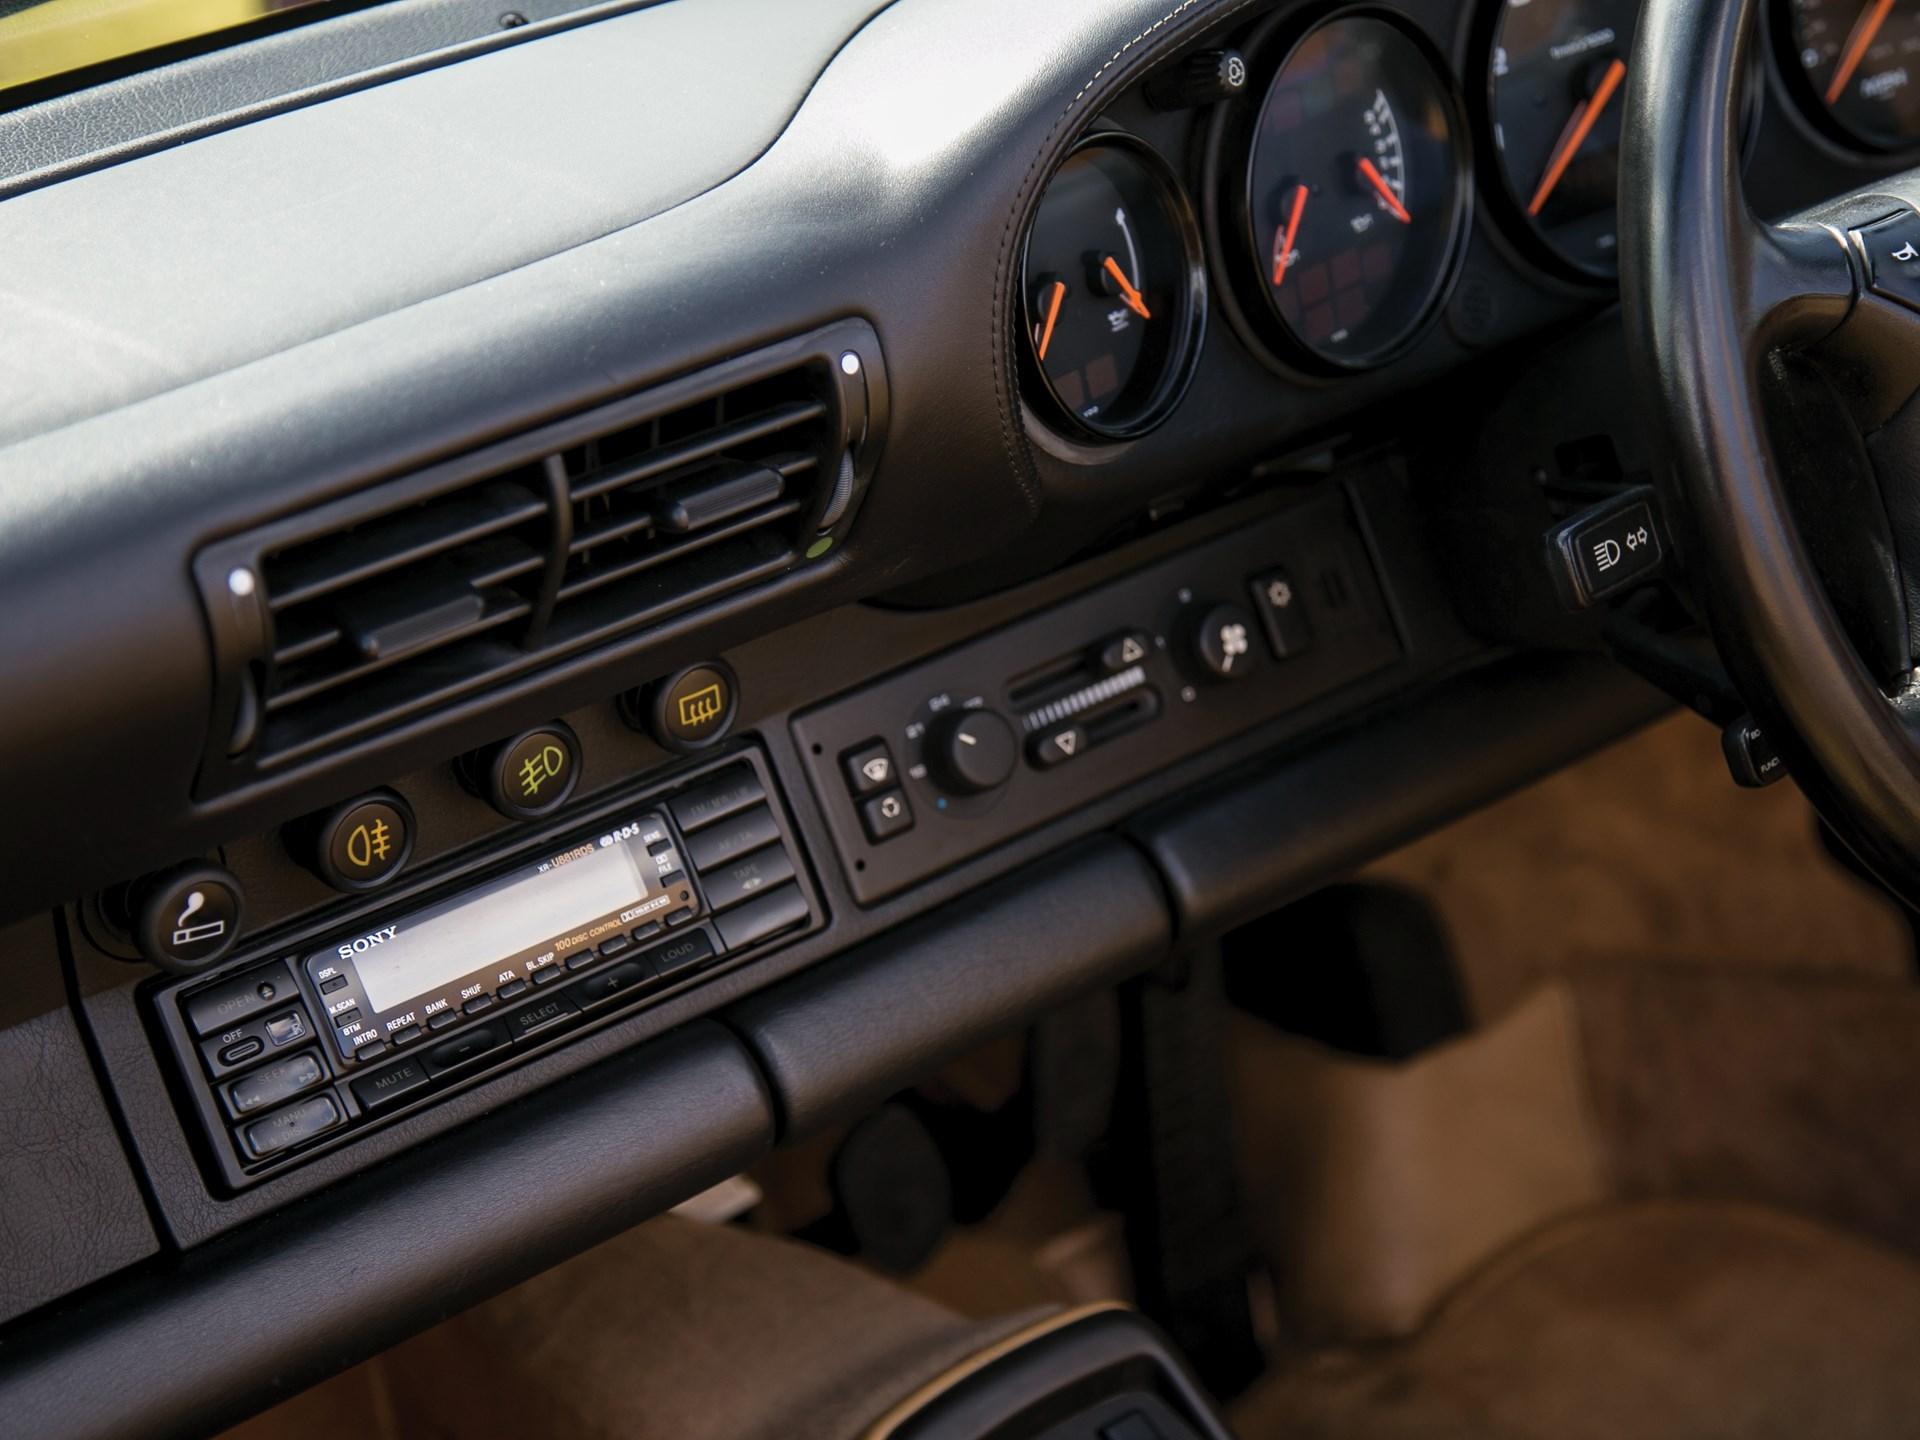 1993 Porsche 911 Turbo Cabriolet